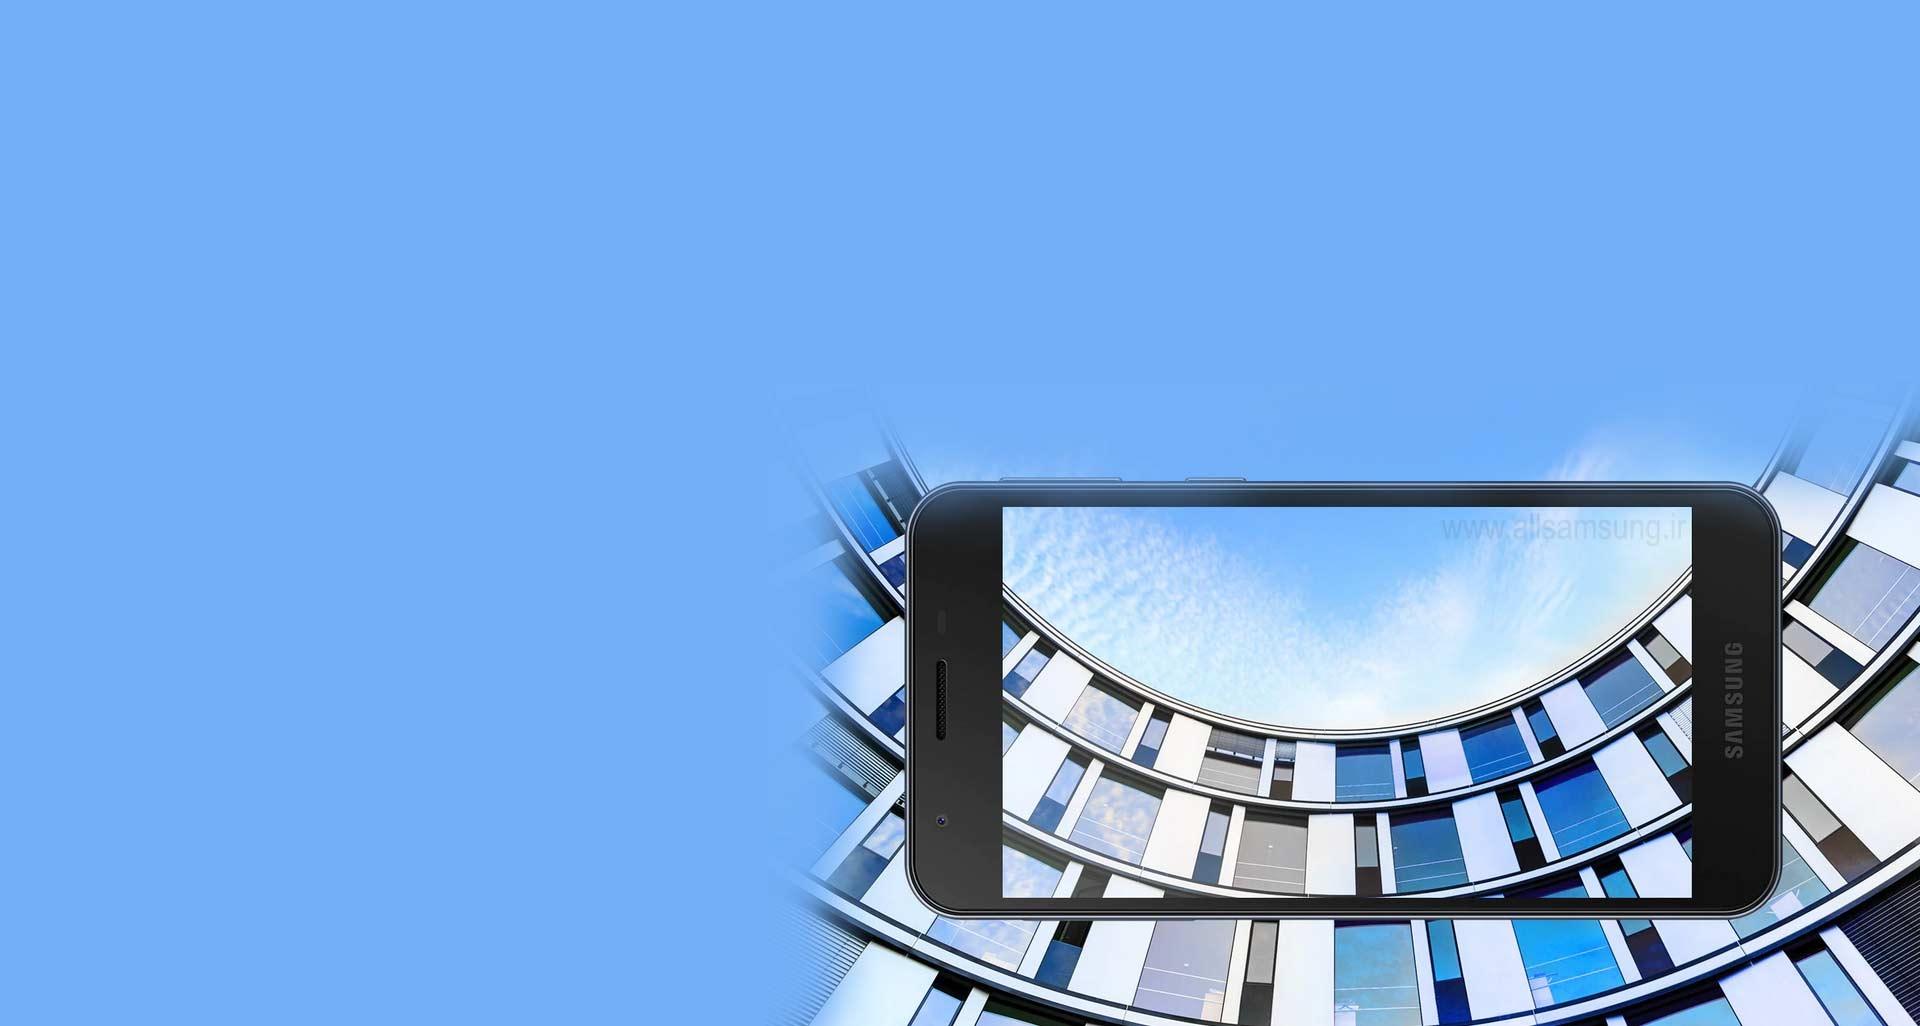 با گوشی A2 Core از صفحه نمایشی بزرگ لذت ببرید